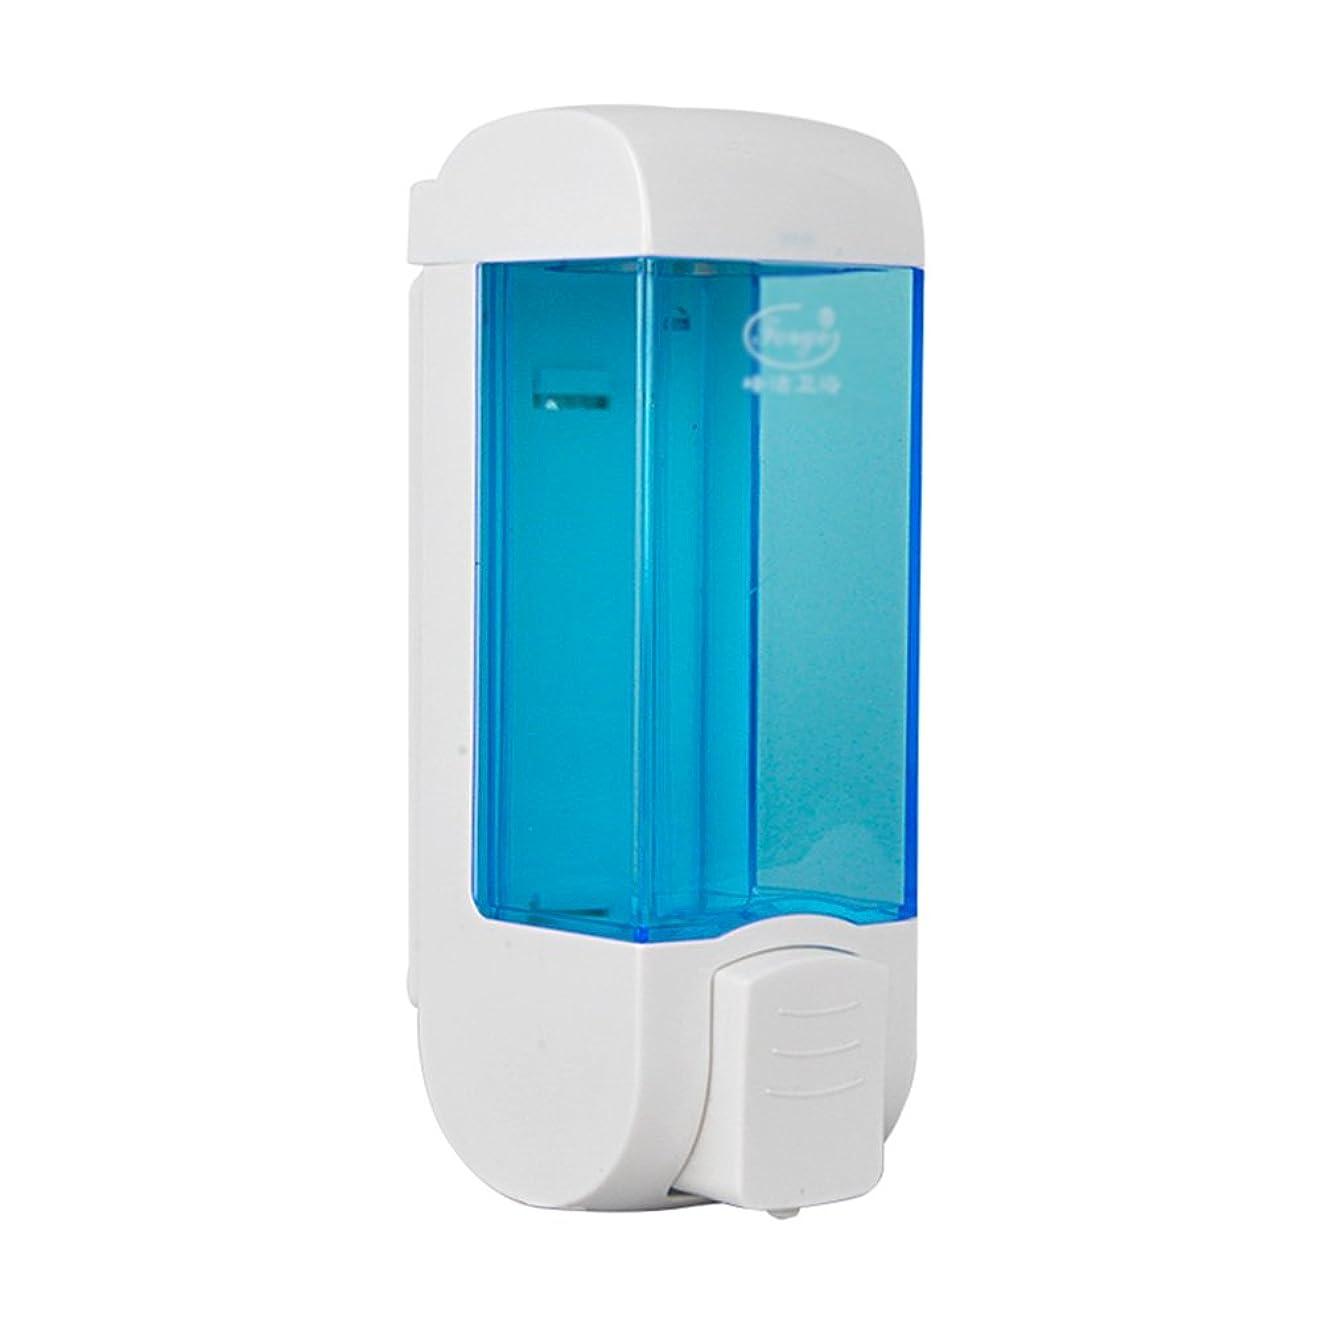 聖歌自然公園重荷ZEMIN ソープディスペンサー 壁掛け式 石鹸ディスペンサー 帰納的 マニュアル ポンプ 2頭 シャンプー 液体 石鹸 クリーン、 プラスチック、 青、 300ML (色 : 1)